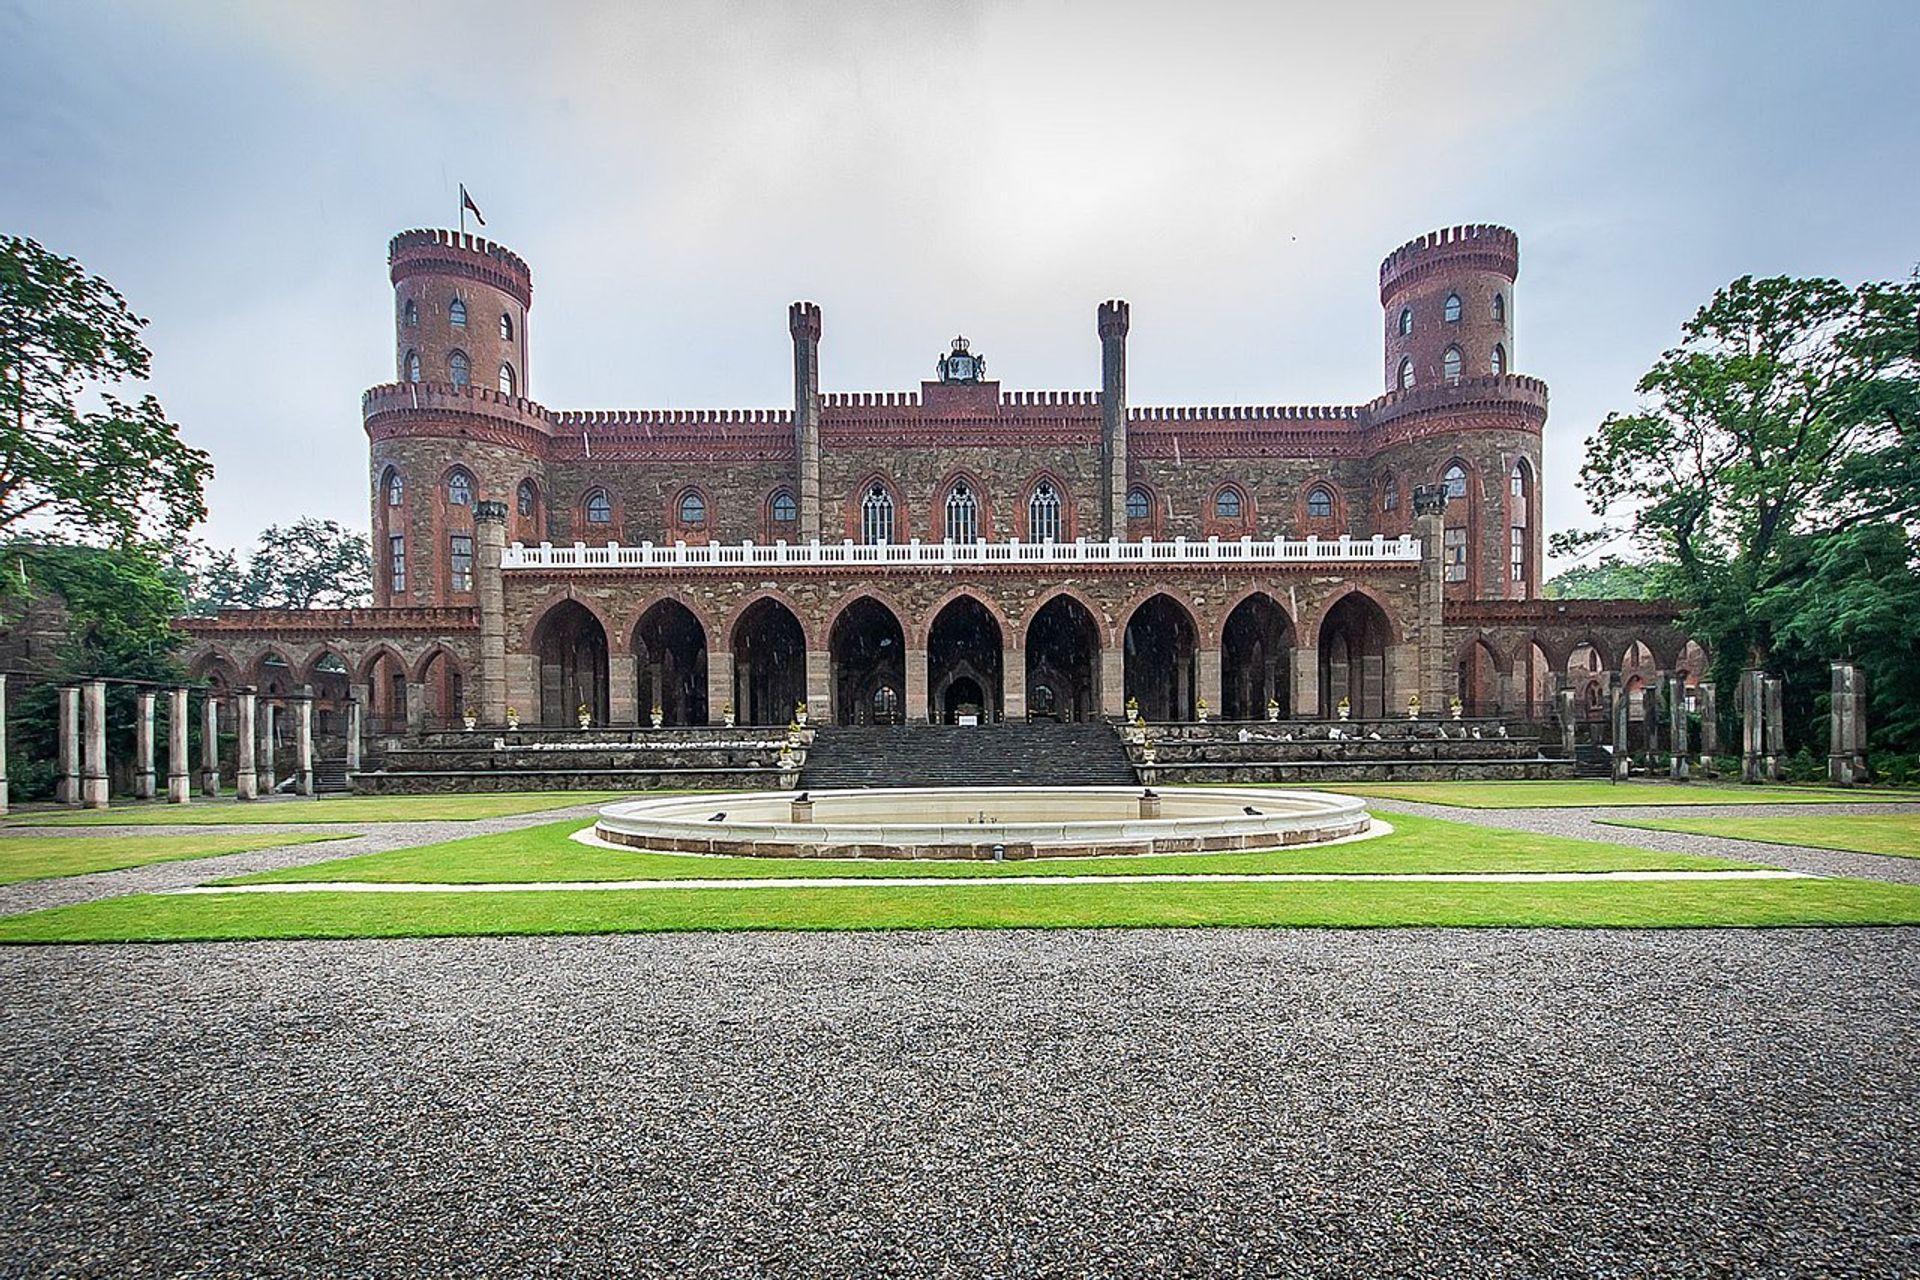 Zakończył się kolejny etap rewitalizacji Pałacu Marianny Orańskiej w Kamieńcu Ząbkowickim